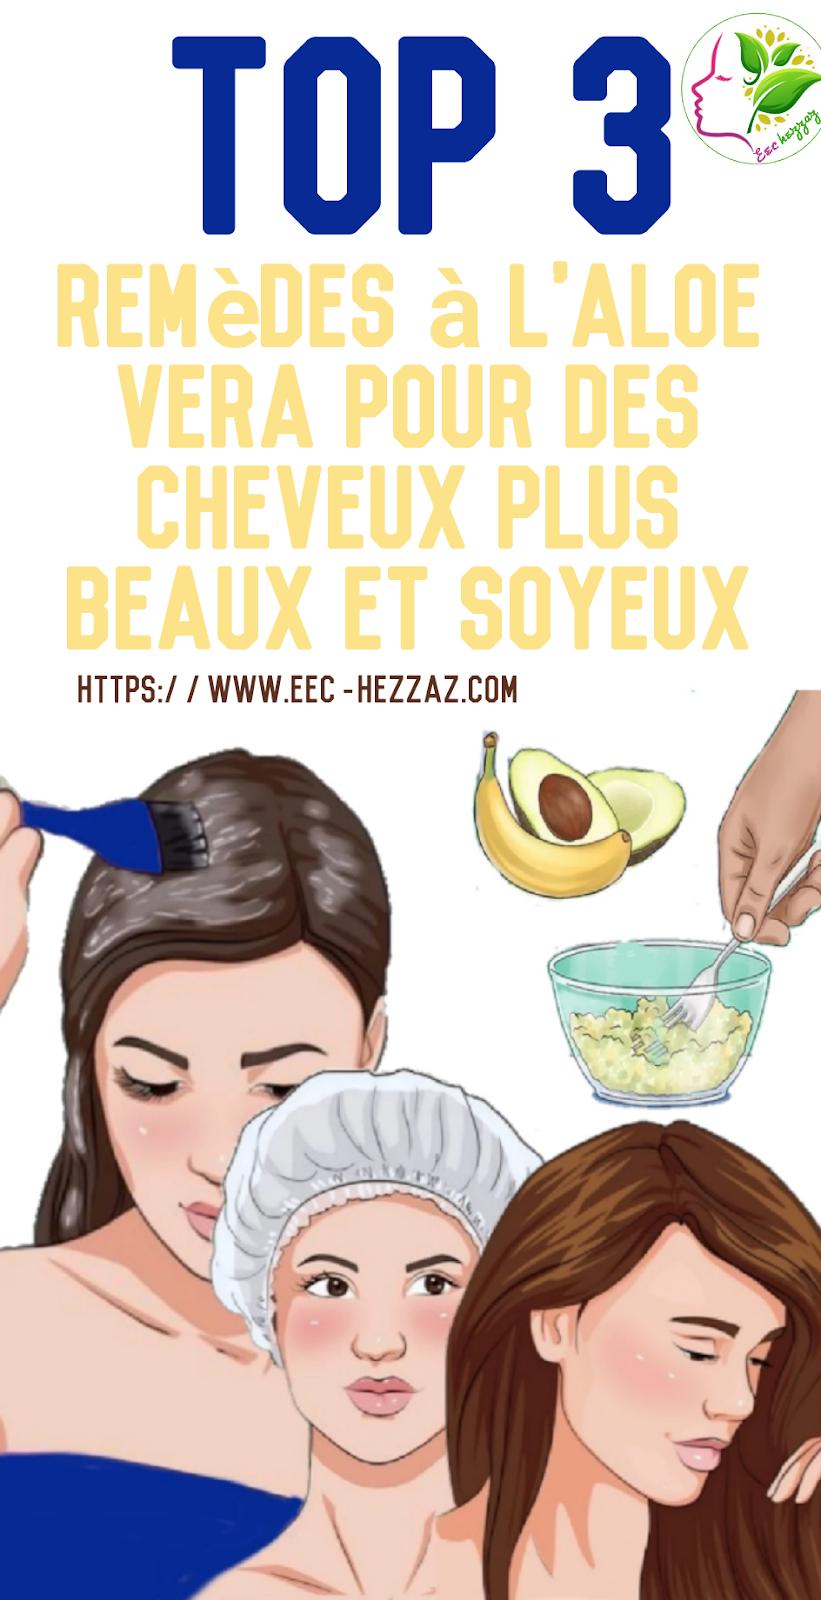 Top 3 remèdes à l'aloe vera pour des cheveux plus beaux et soyeux